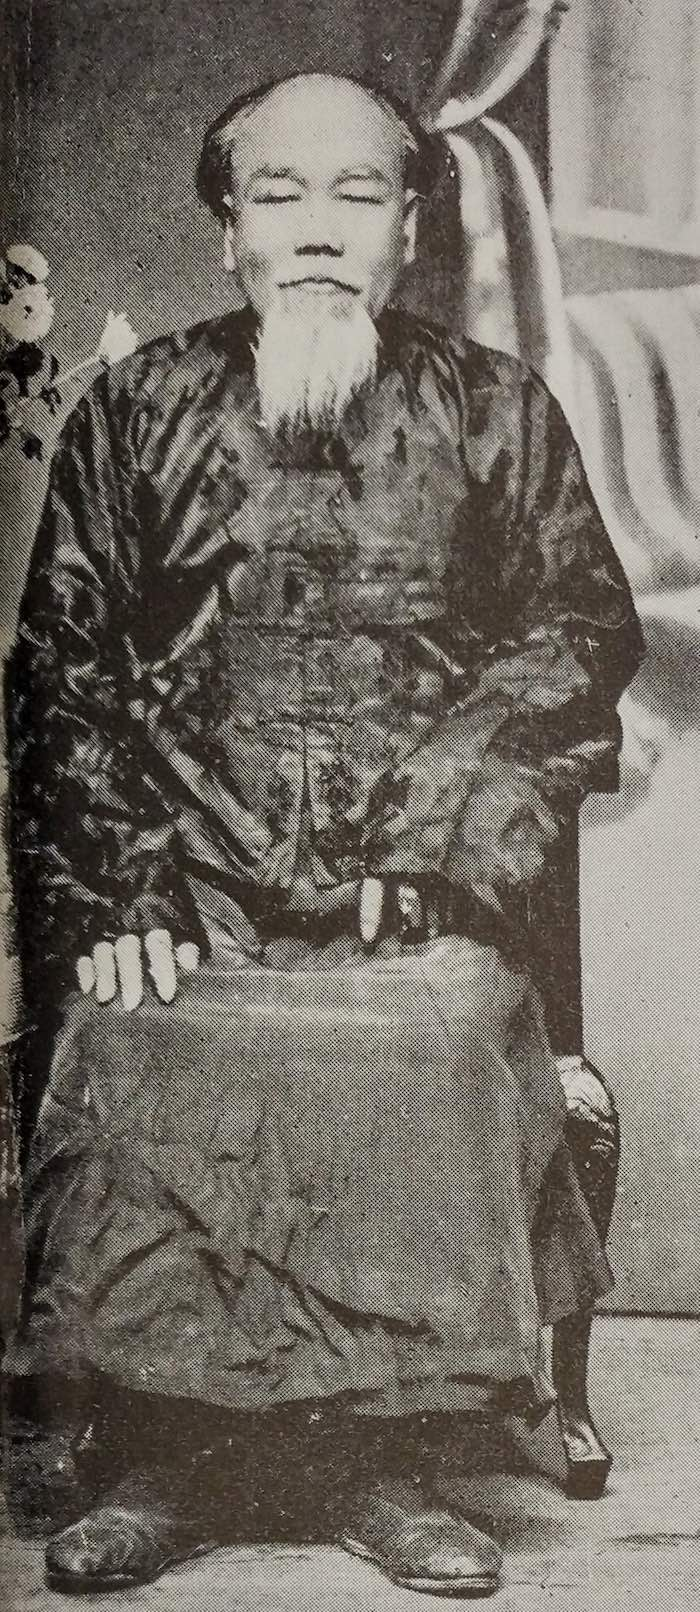 Чучельник музея при Королевском обществе. Источник: China's Natural History-A Guide to RAS Museum (1936)